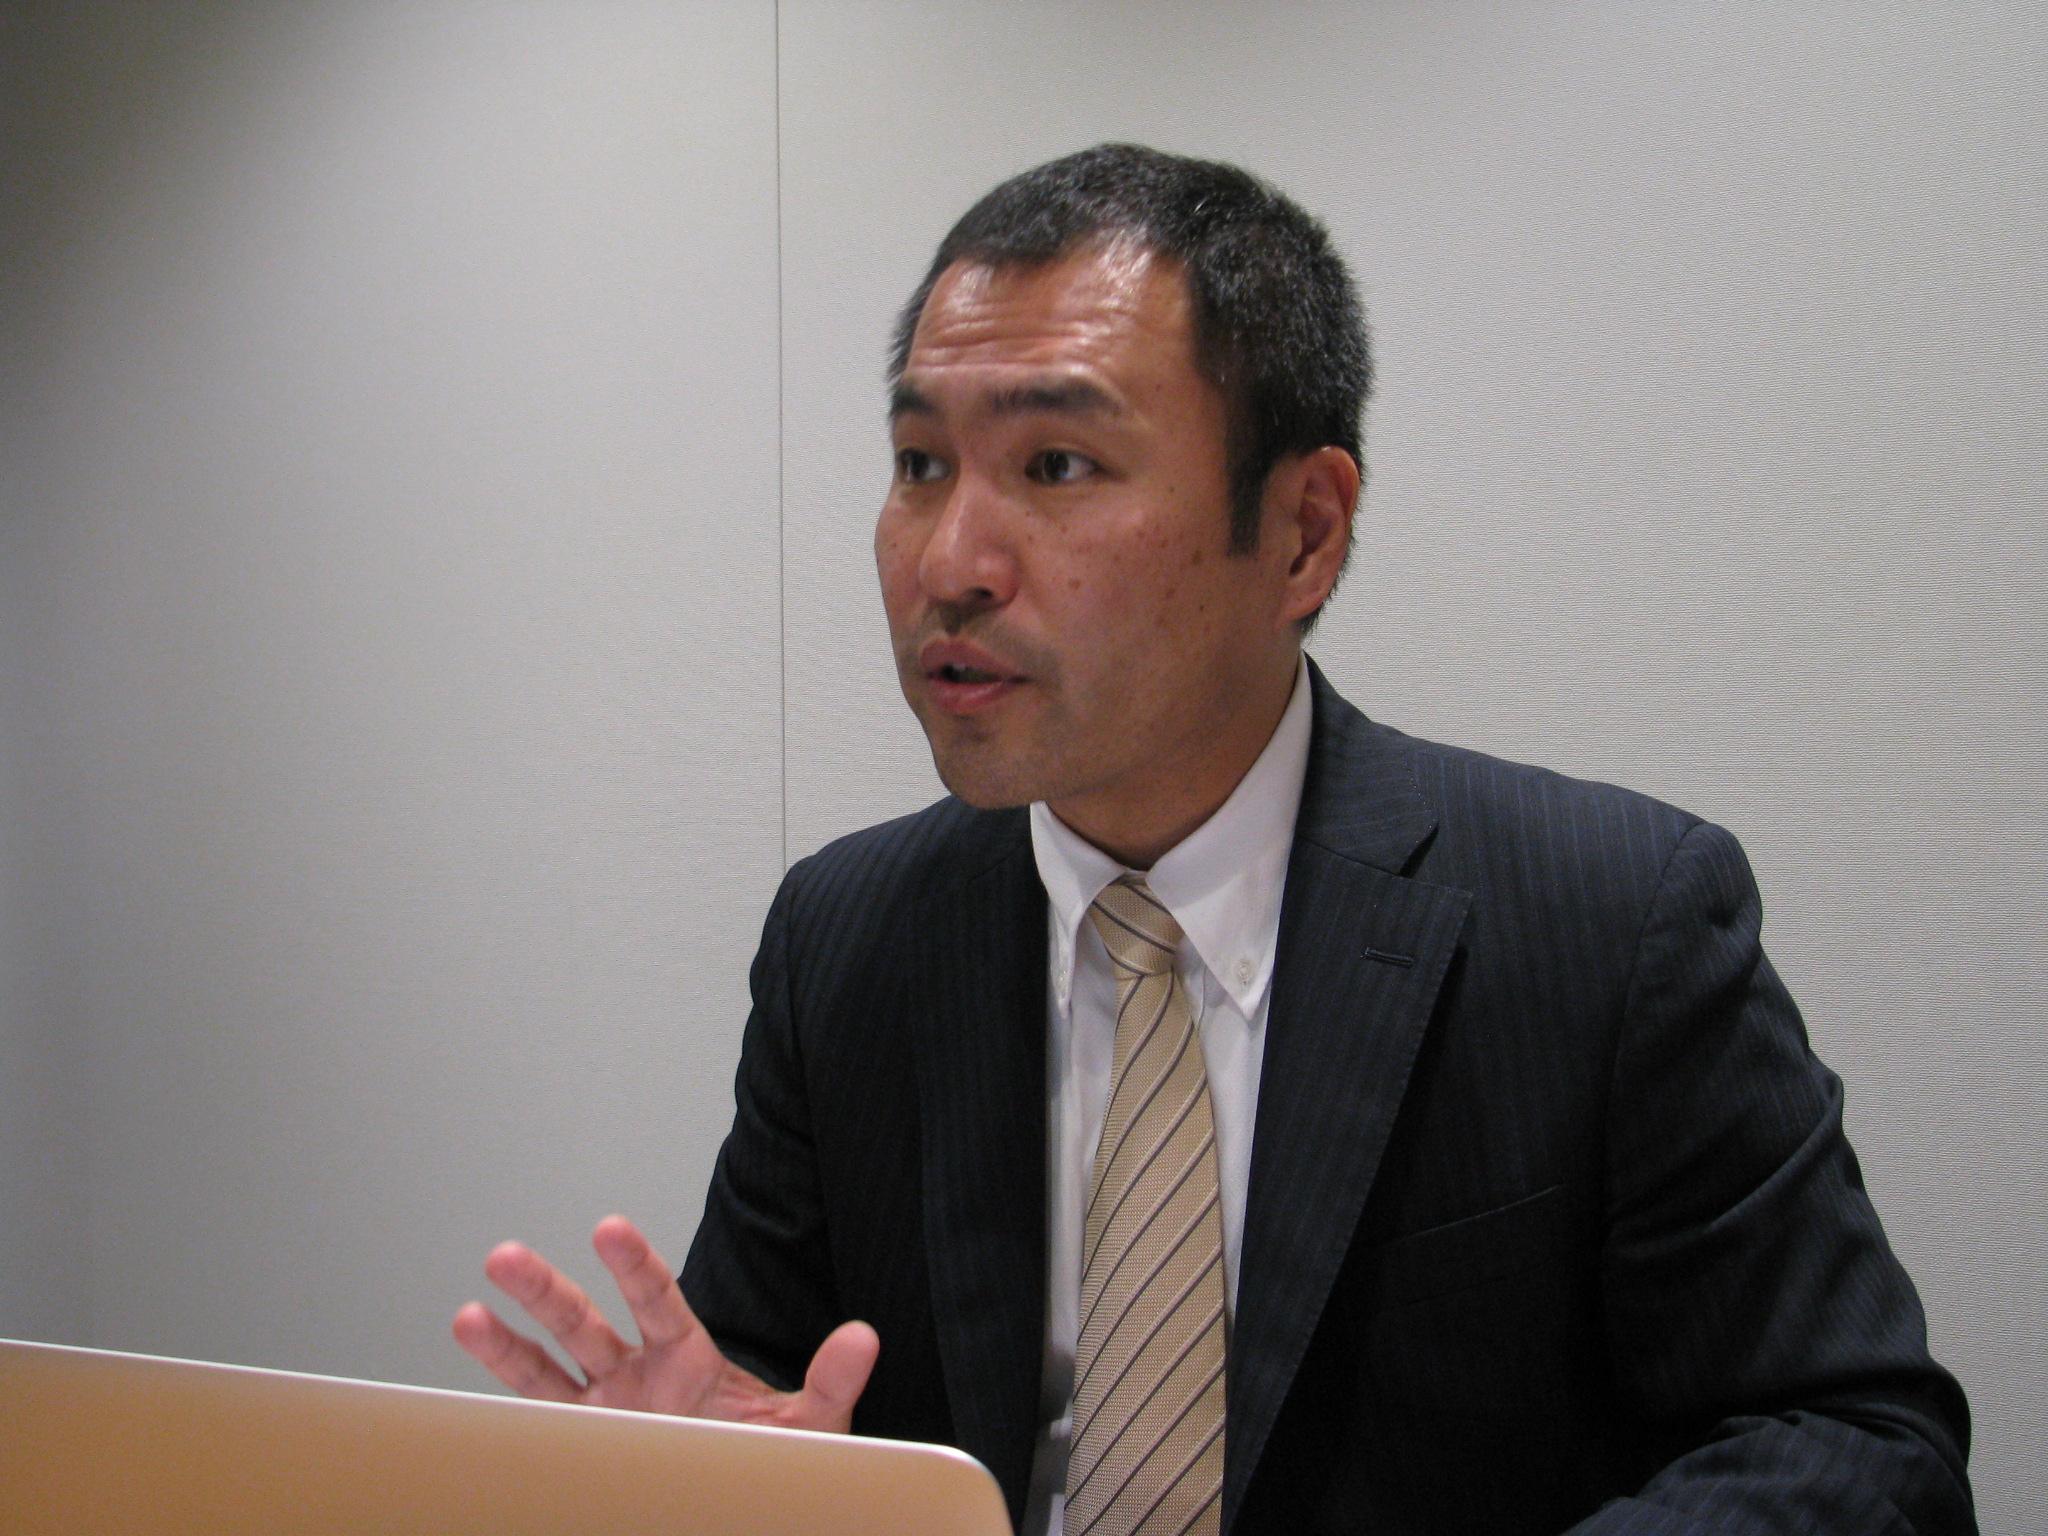 【年頭所感】Airbnbジャパン代表 田邉泰之氏 ―今年はビジネスの大きな節目、民泊の周辺サービス開拓も